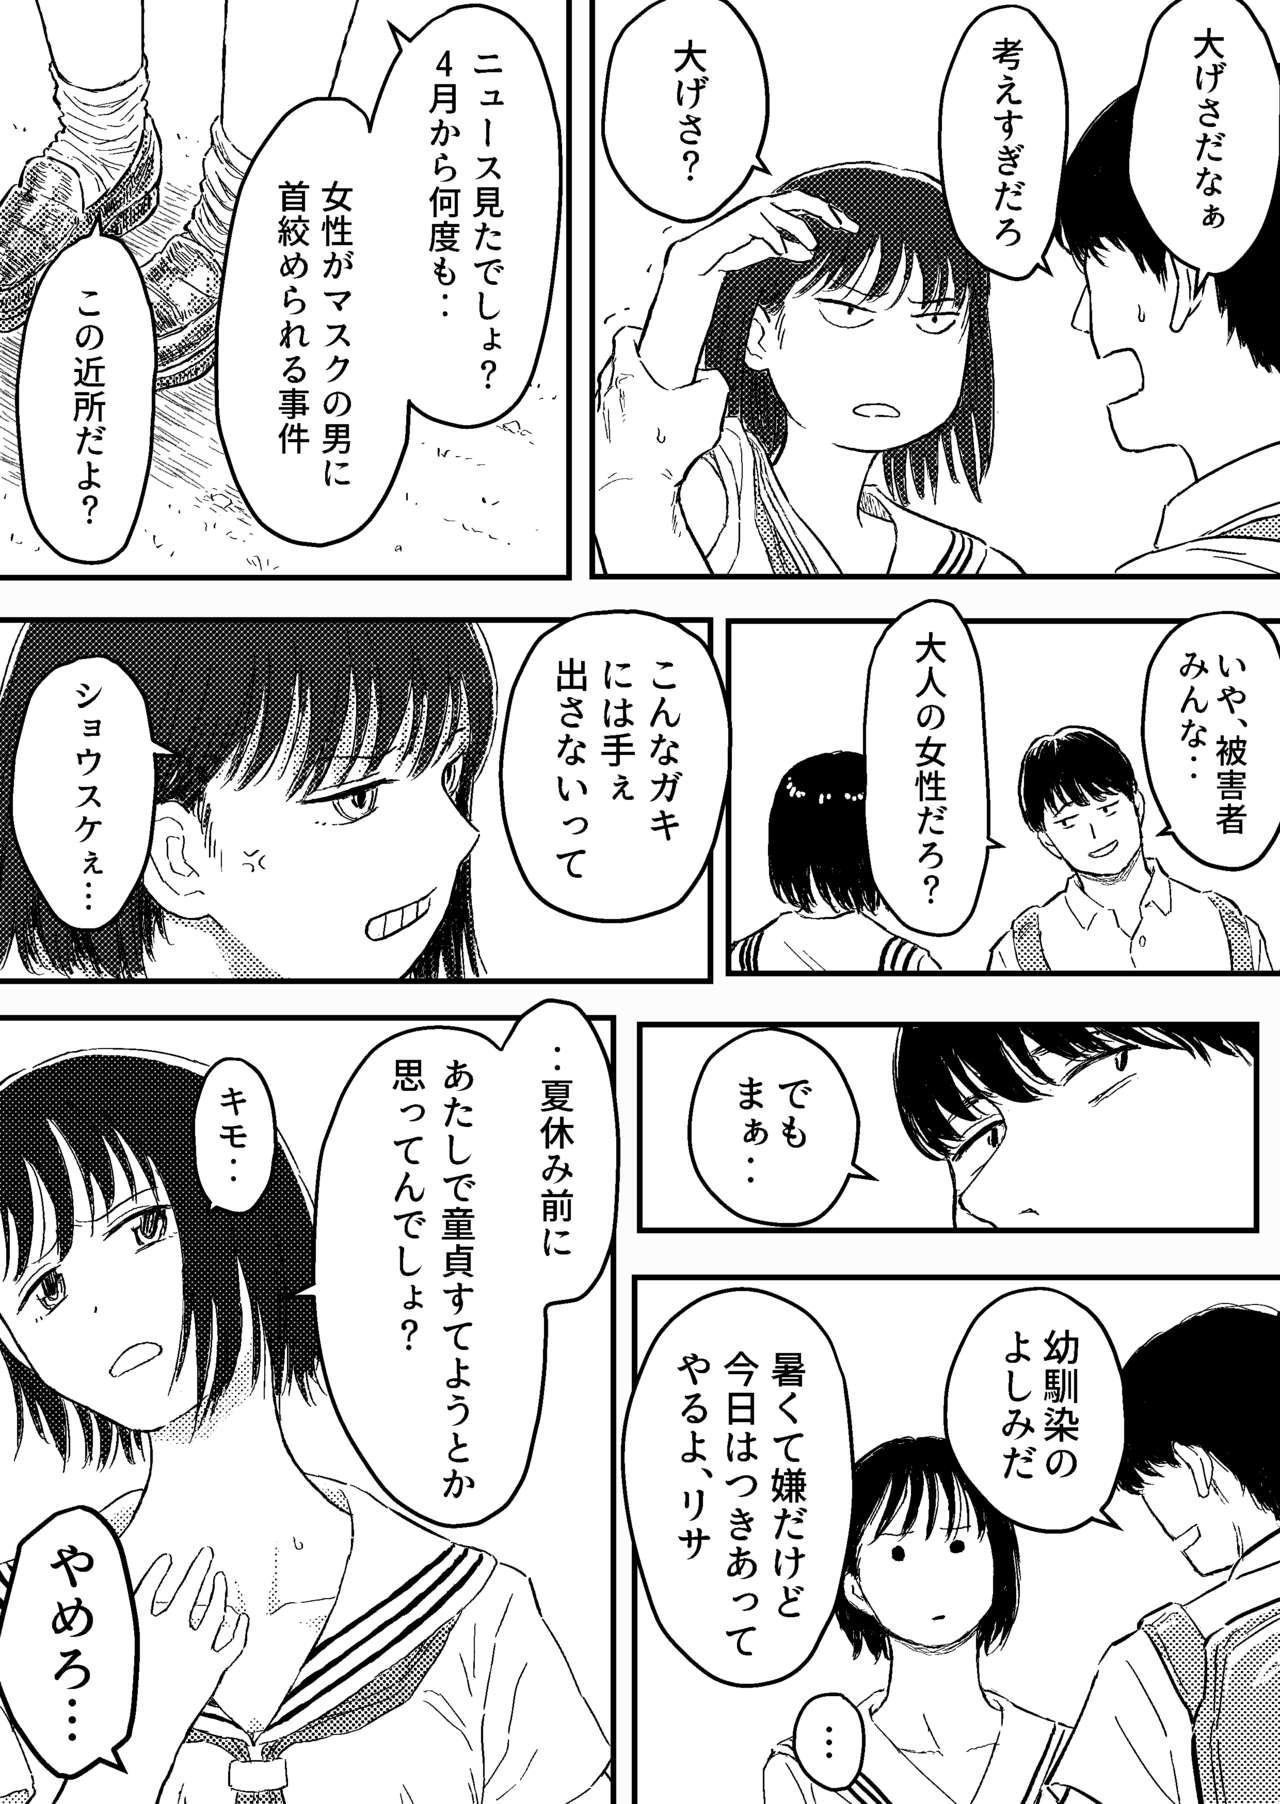 Houkago no Strangler 2